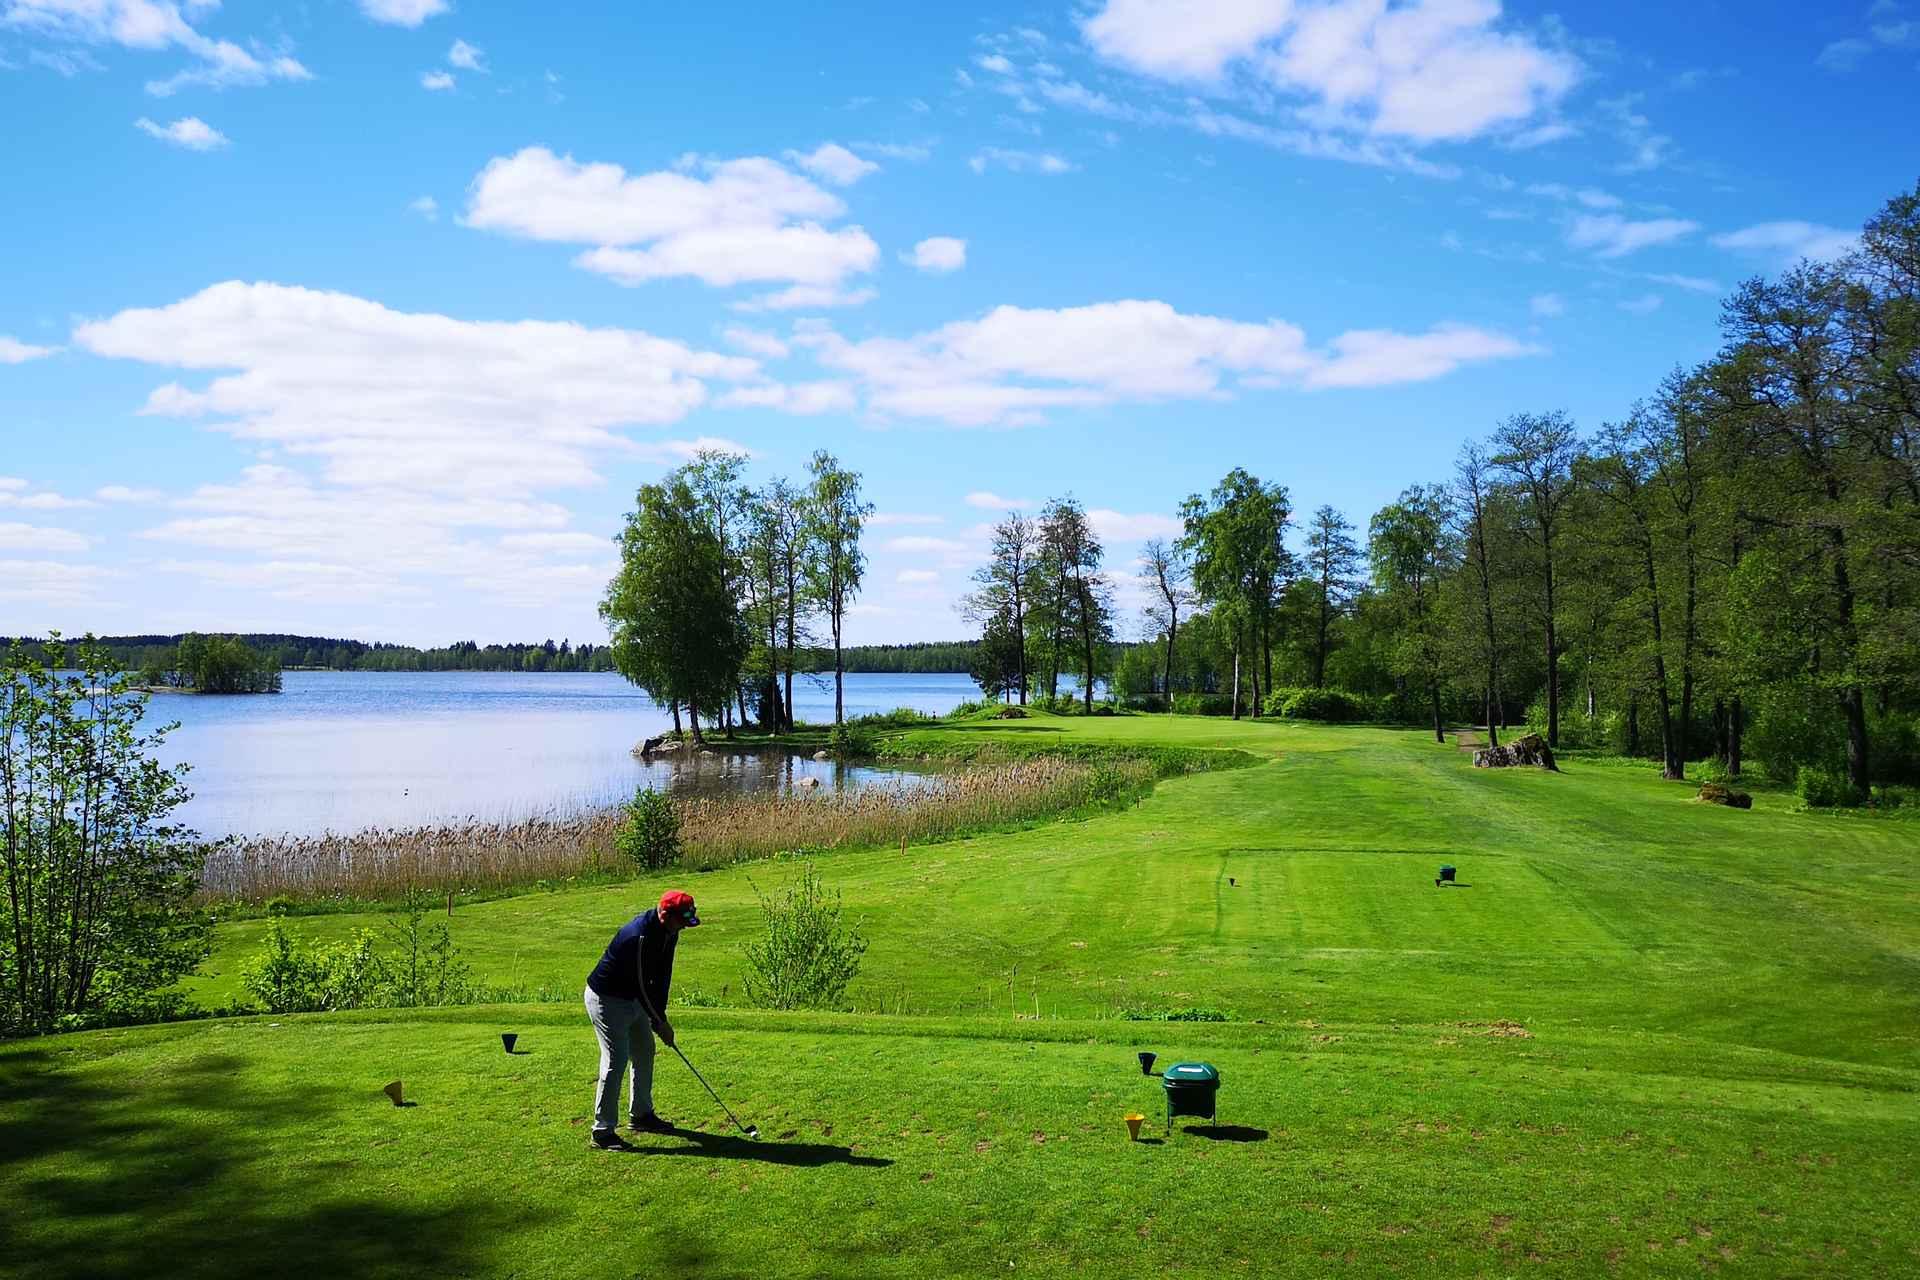 Väylä nro 8 on Suomen kauneimpia.